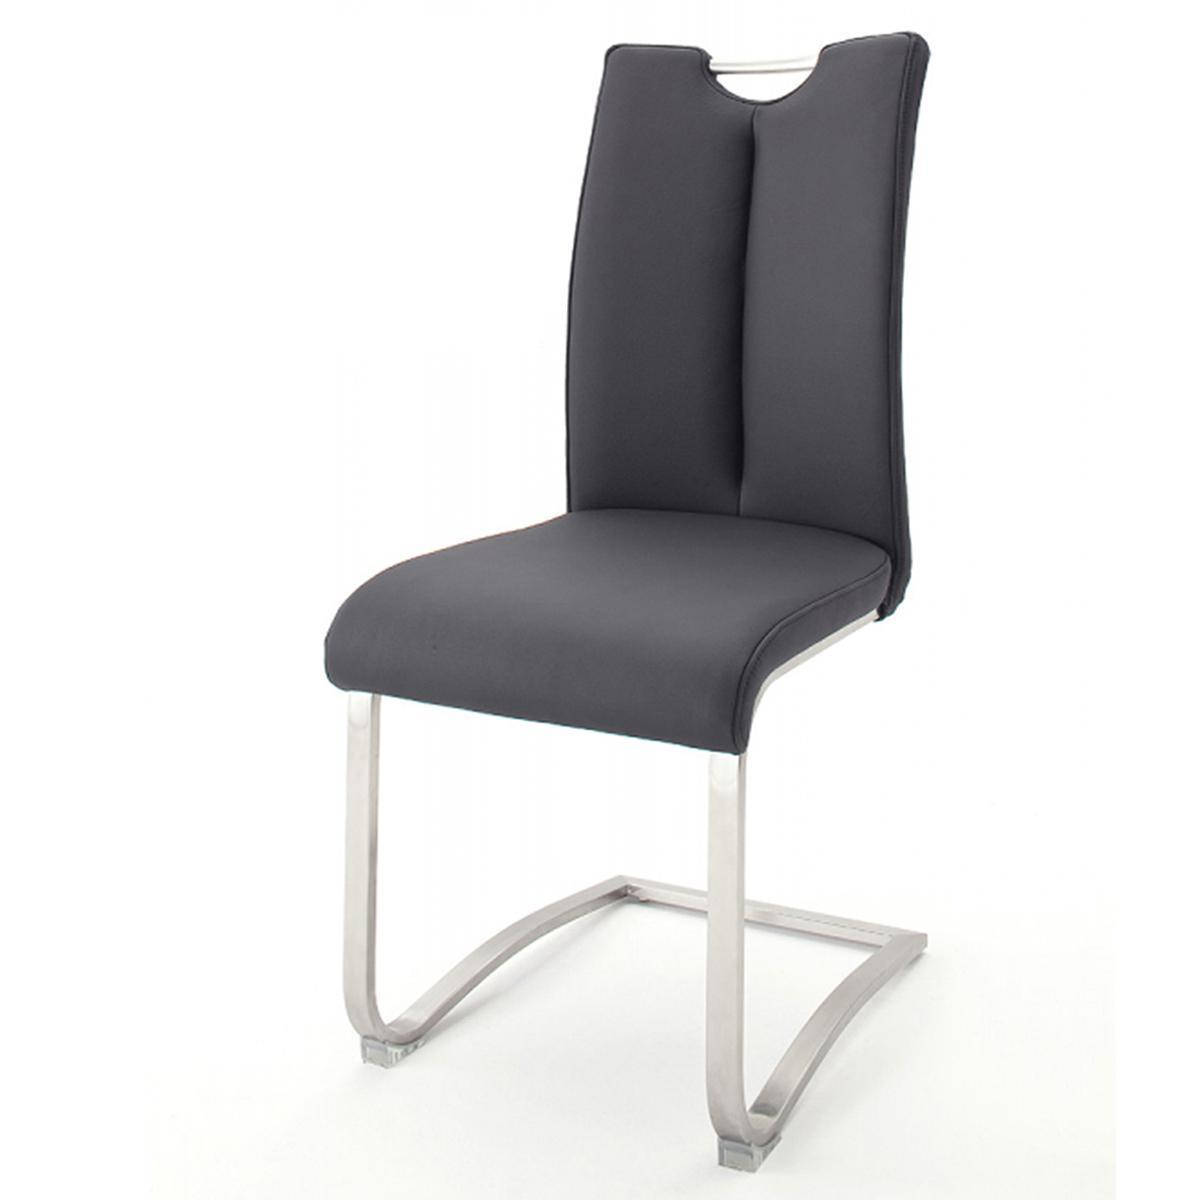 Pegane Lot de 2 chaises de salle à manger en acier et cuir noir - H.102 x L.45 x P.58 cm